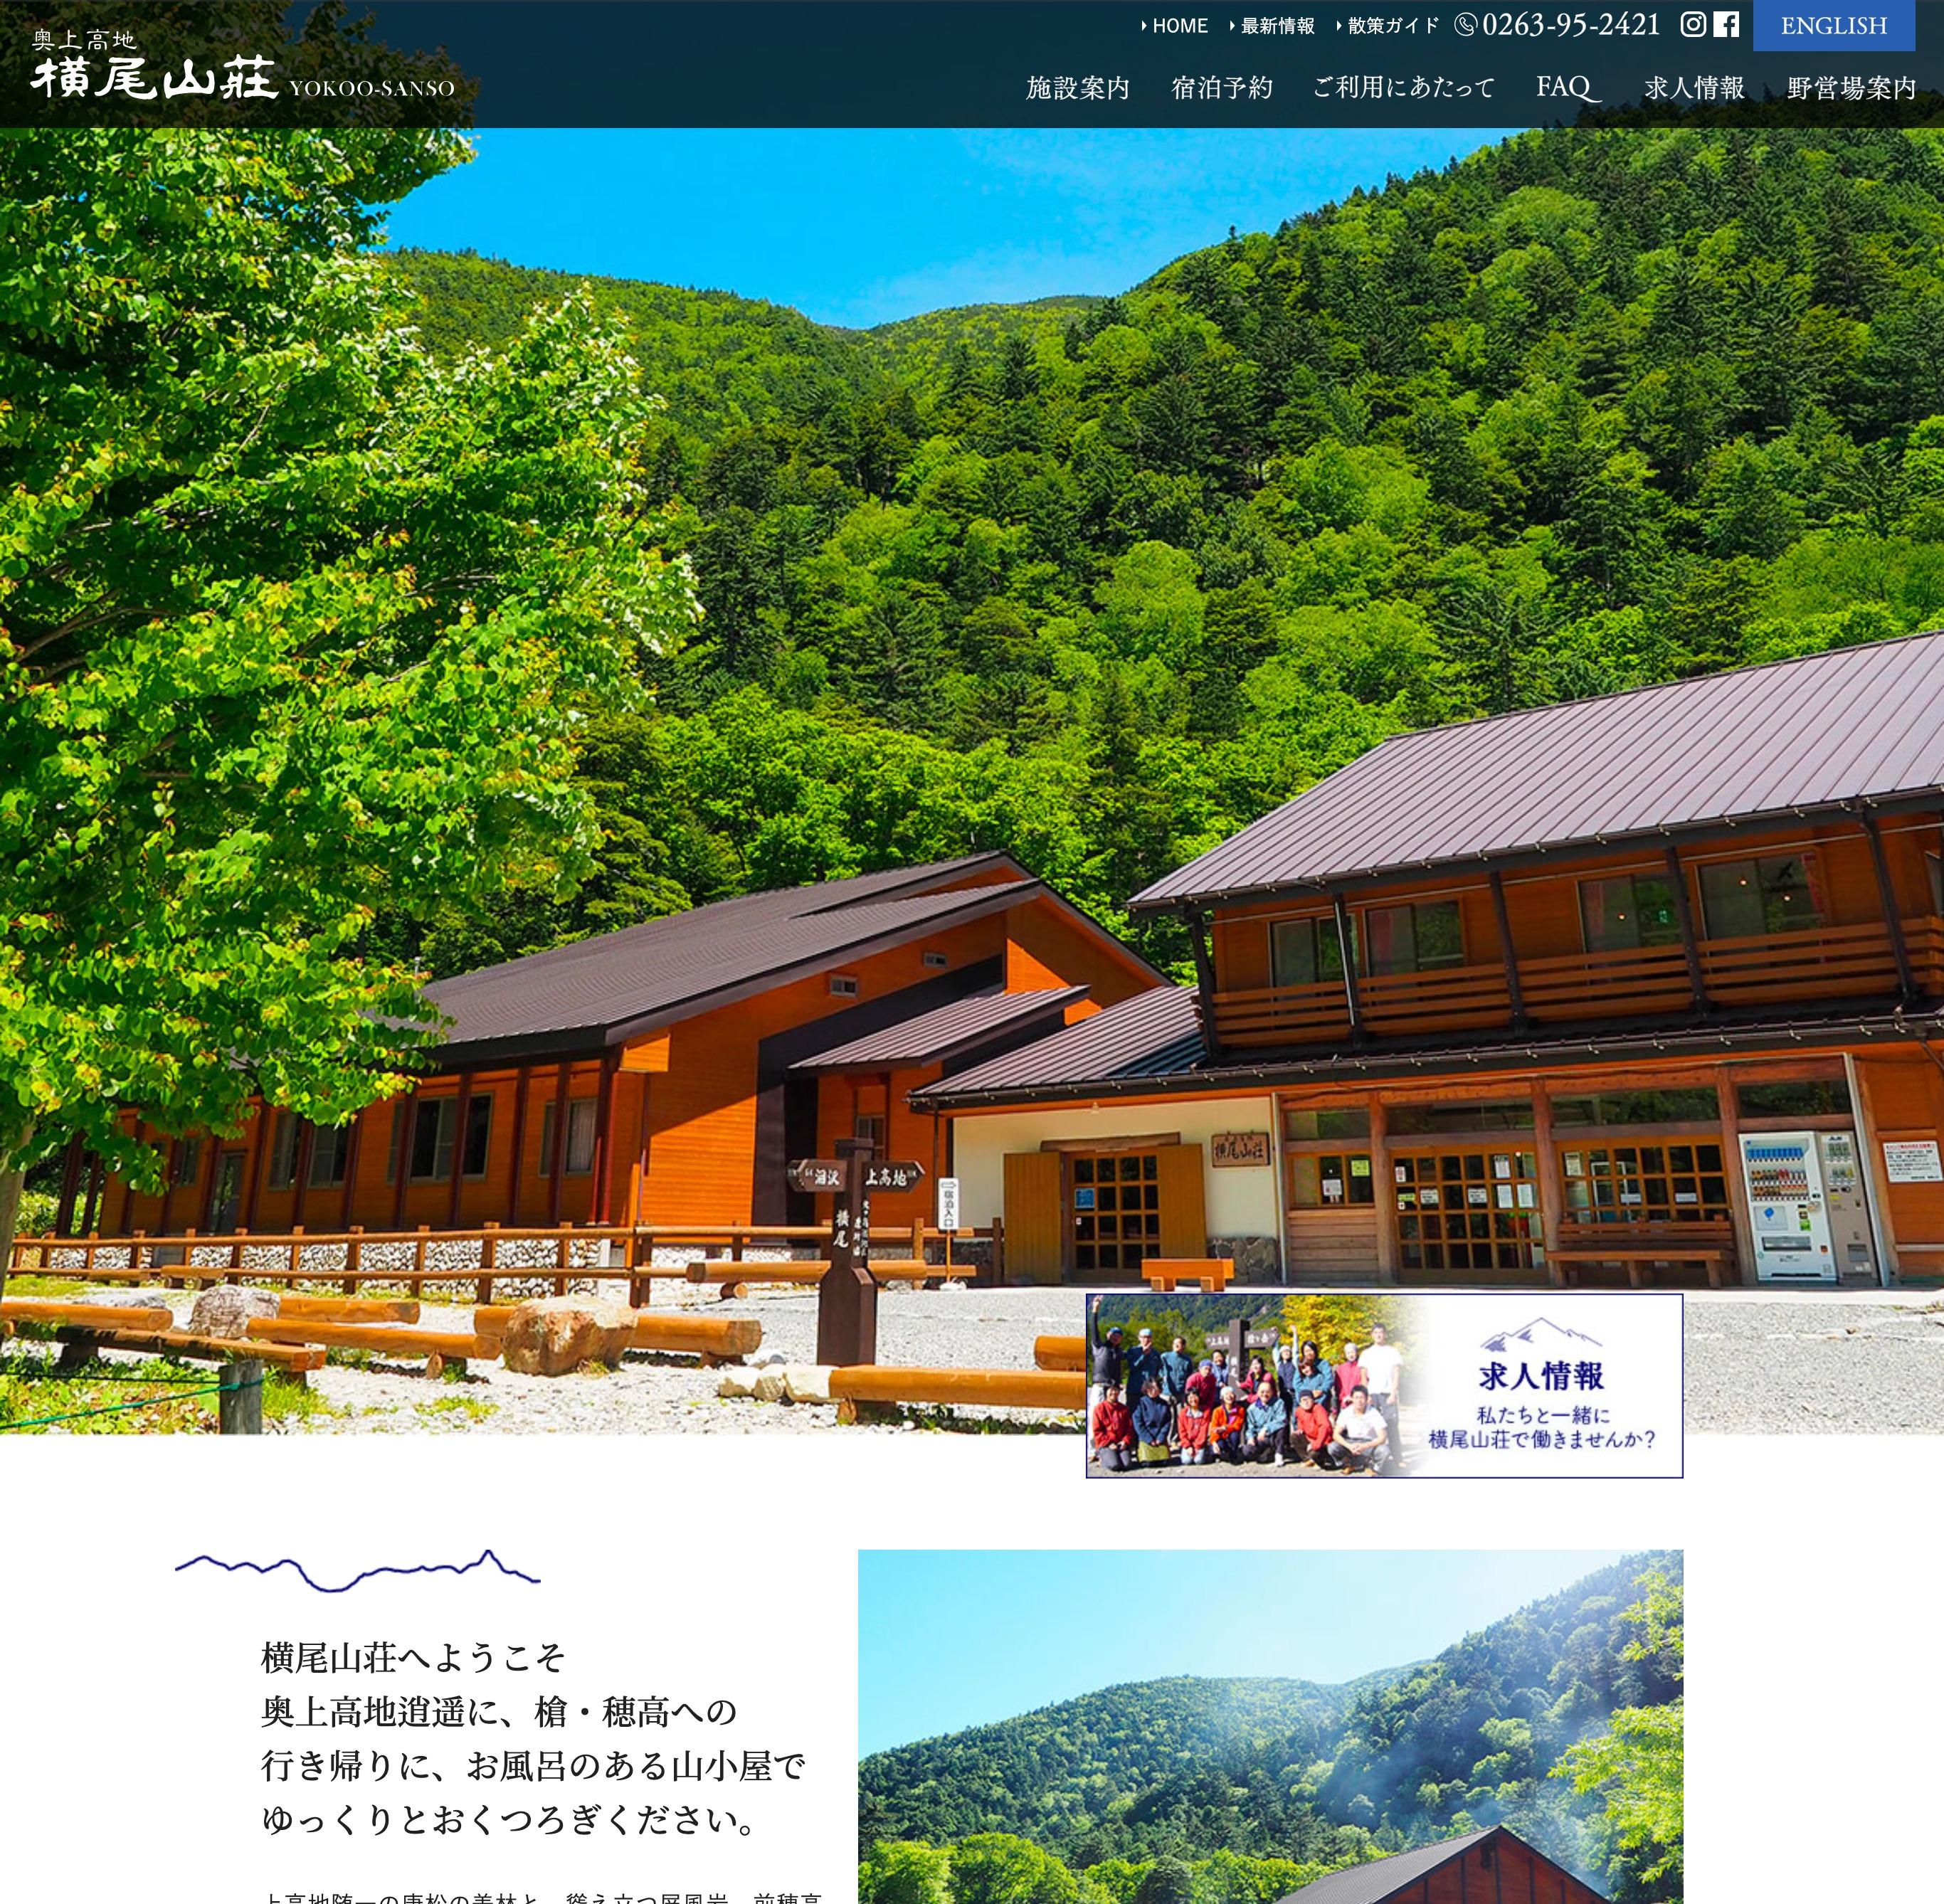 奥上高地 横尾山荘   お風呂のある山小屋